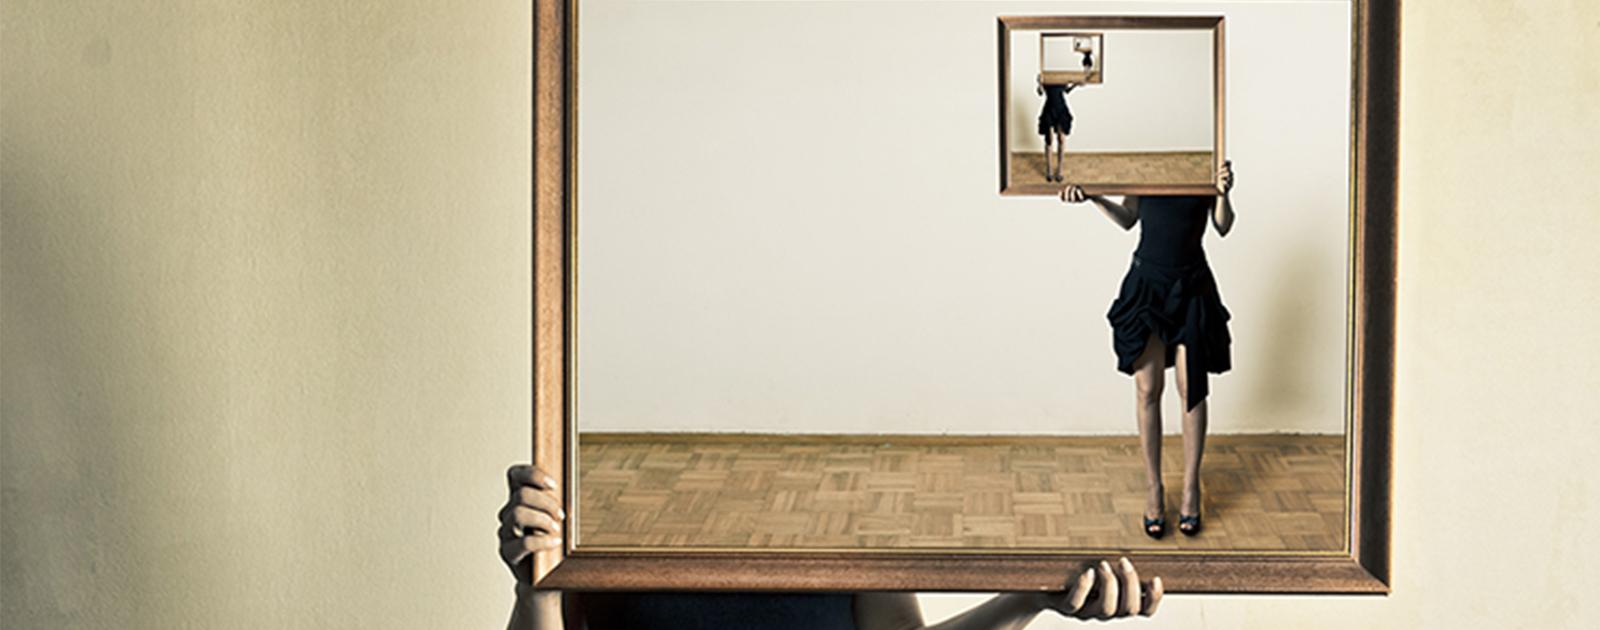 Le pouvoir des images : quels impacts sur notre représentation du beau ?